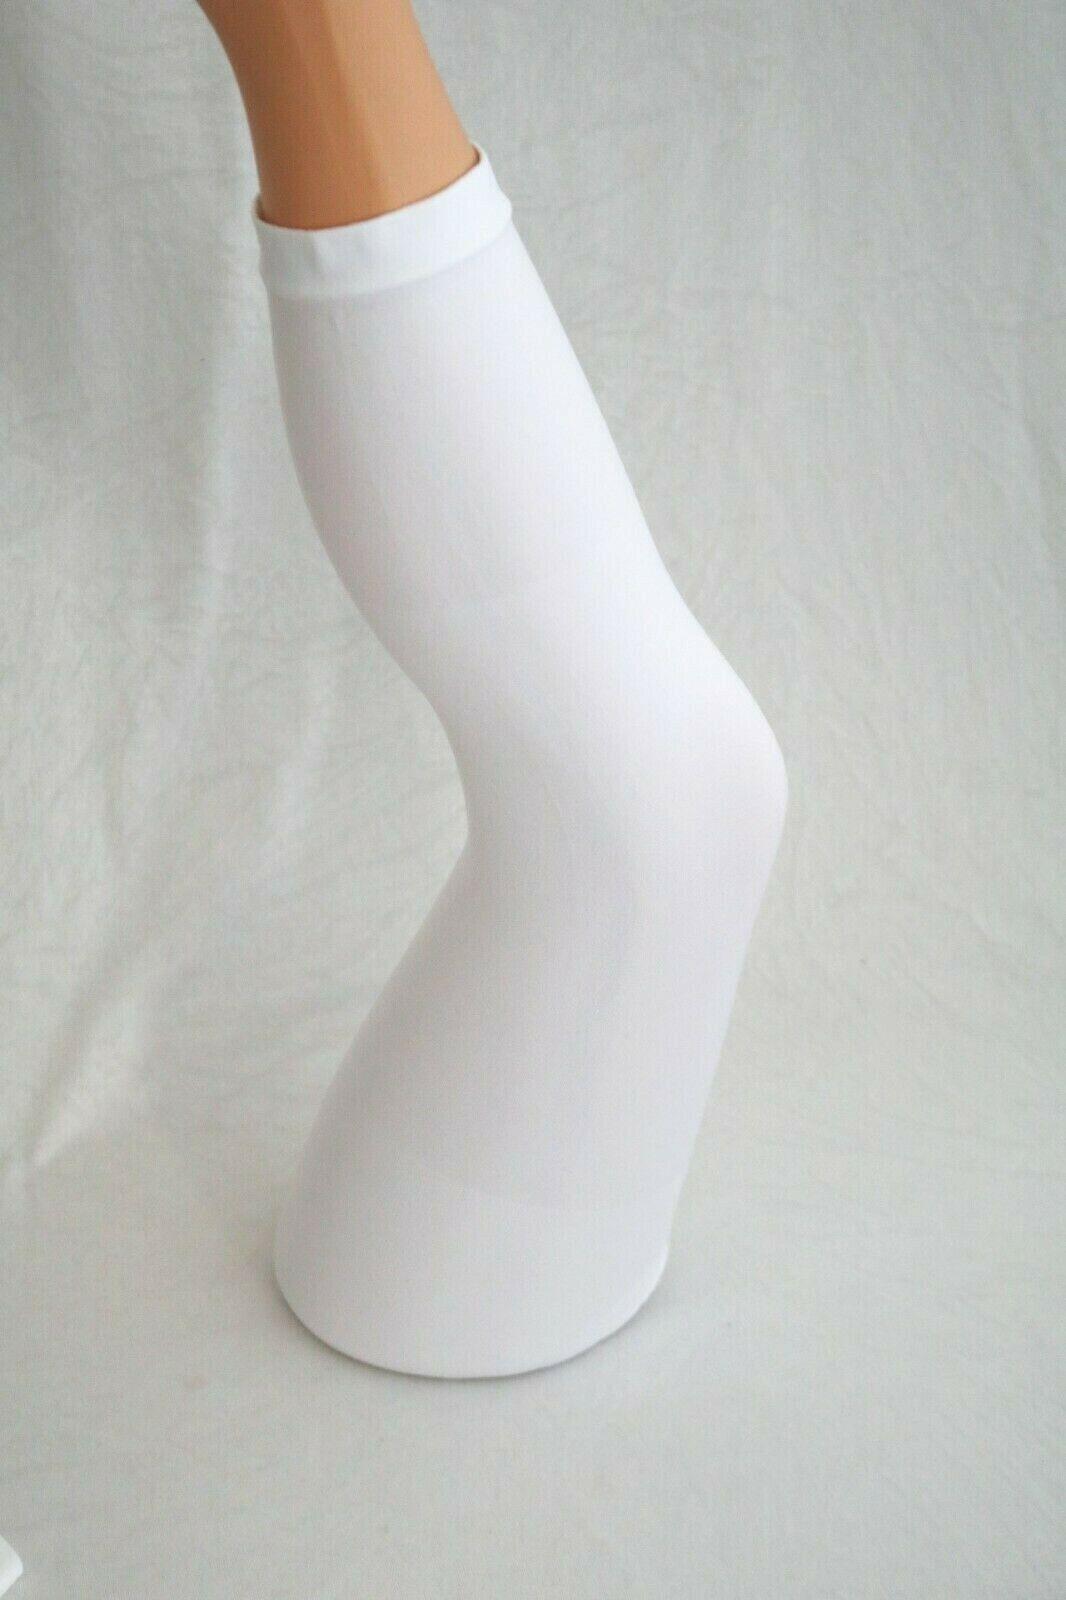 ♥Schlankstütz Capri Push-Up -Leggings Gr. XL 46/48 weiß*Bauch/Beine/Po* SK 3♥